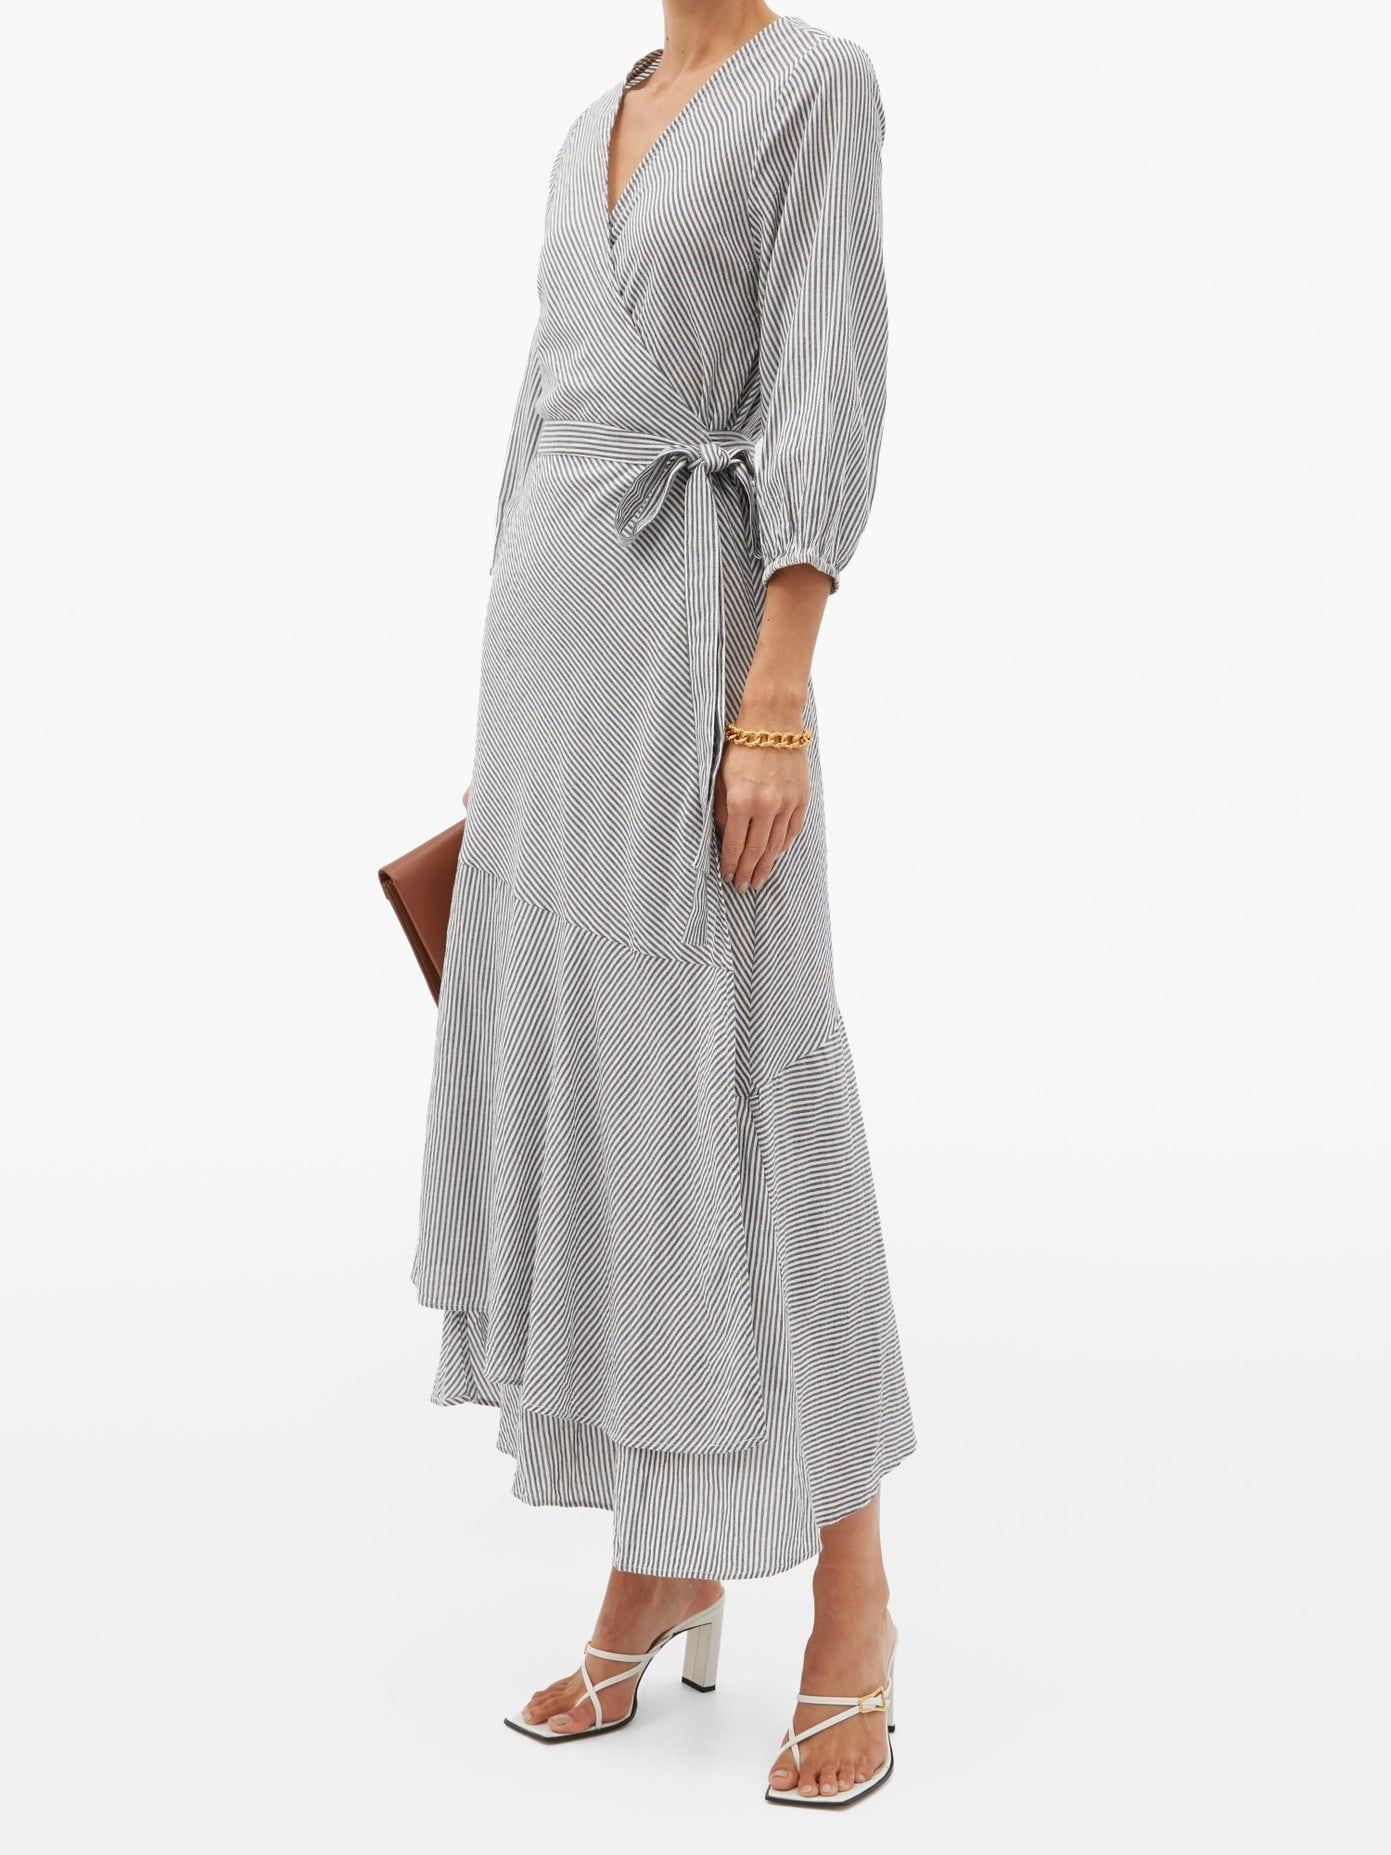 APIECE APART Sierra Asymmetrical Organic-cotton Wrap Dress